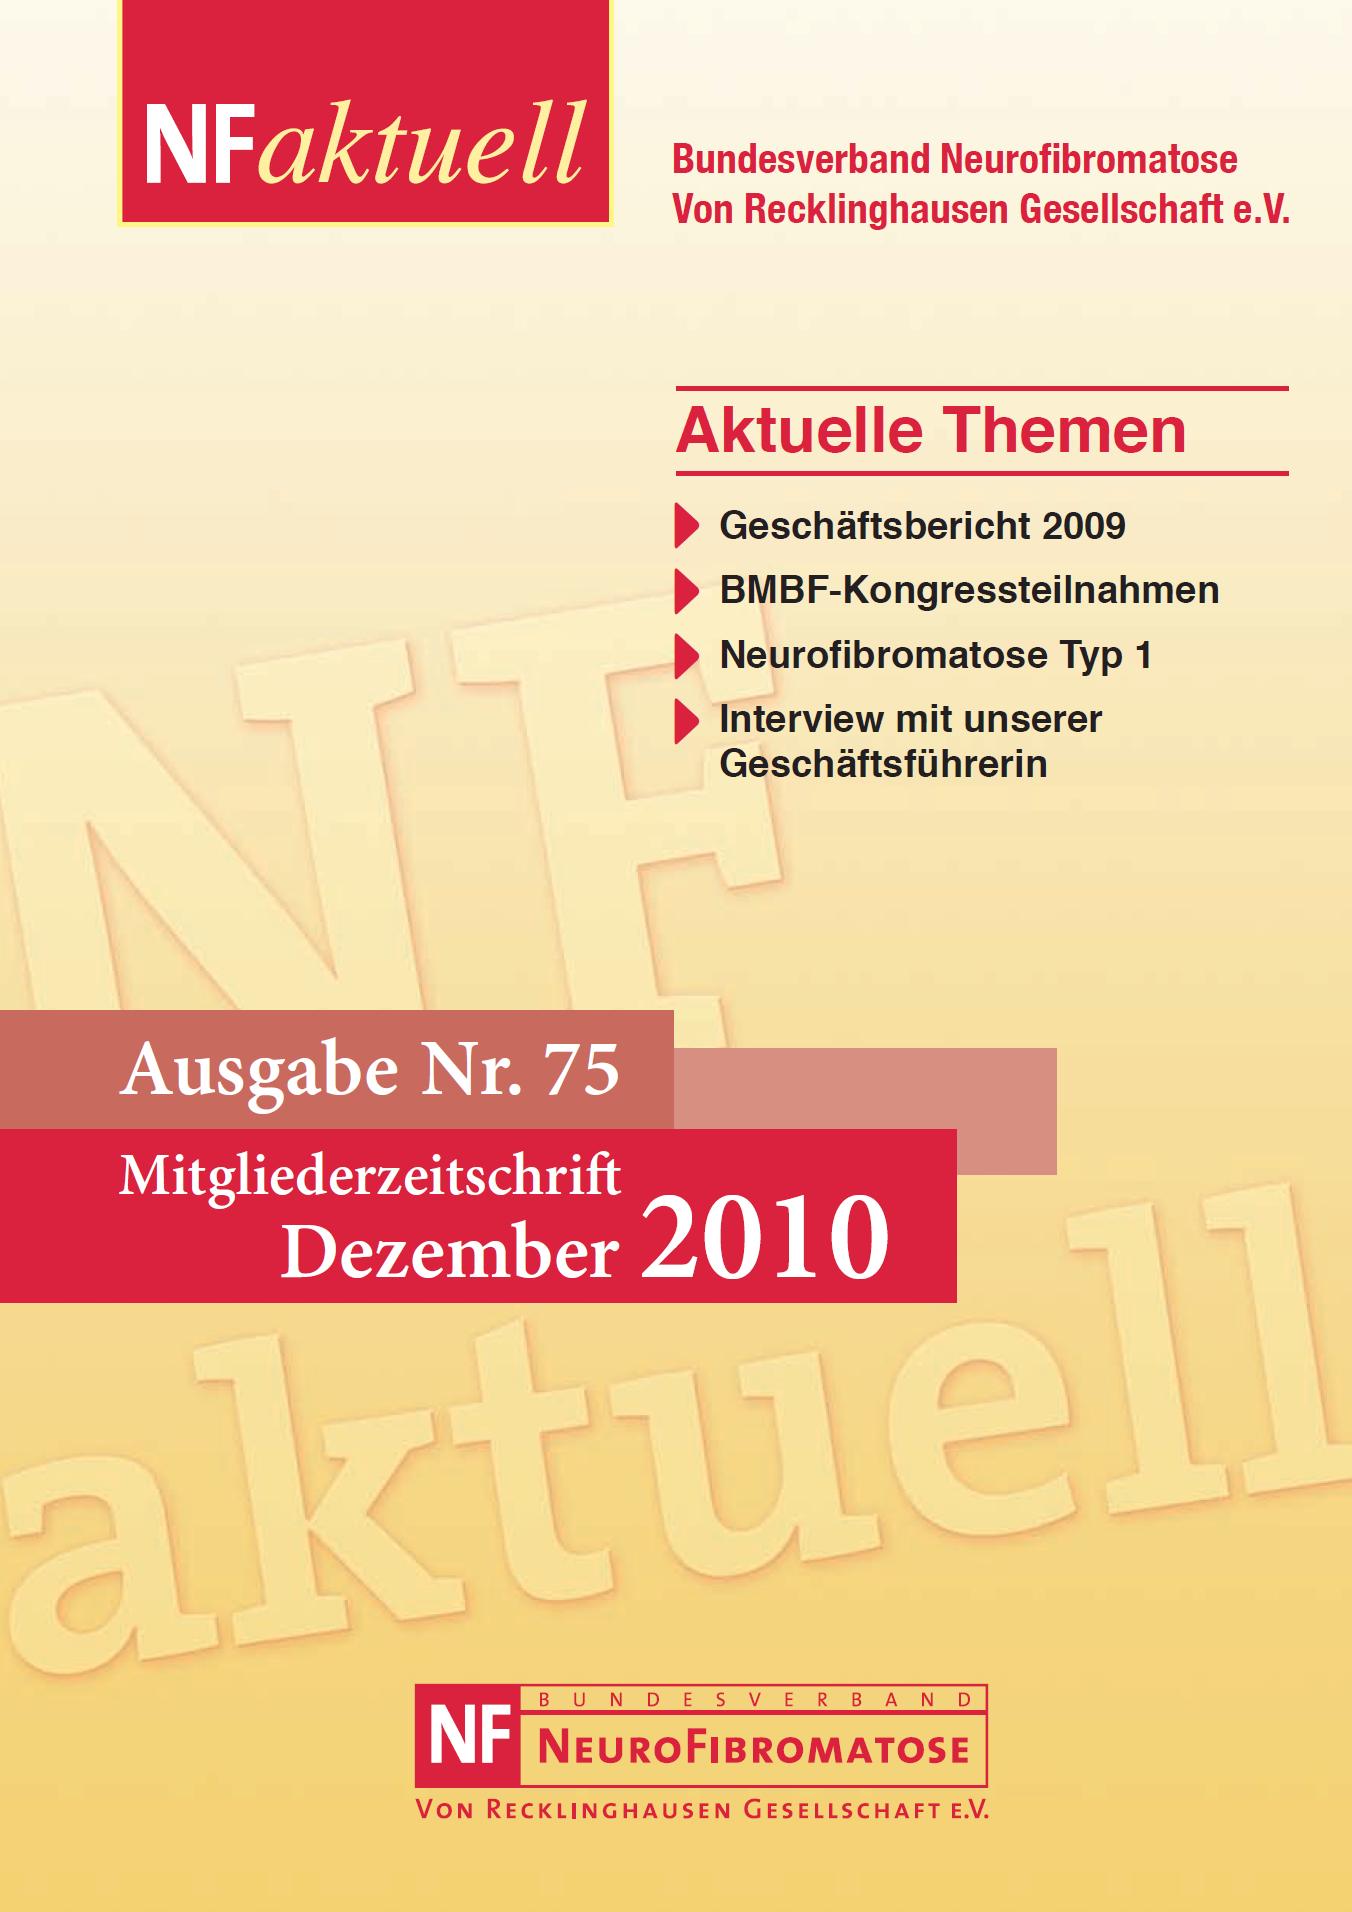 NFaktuell-75-dezember-2010-titel